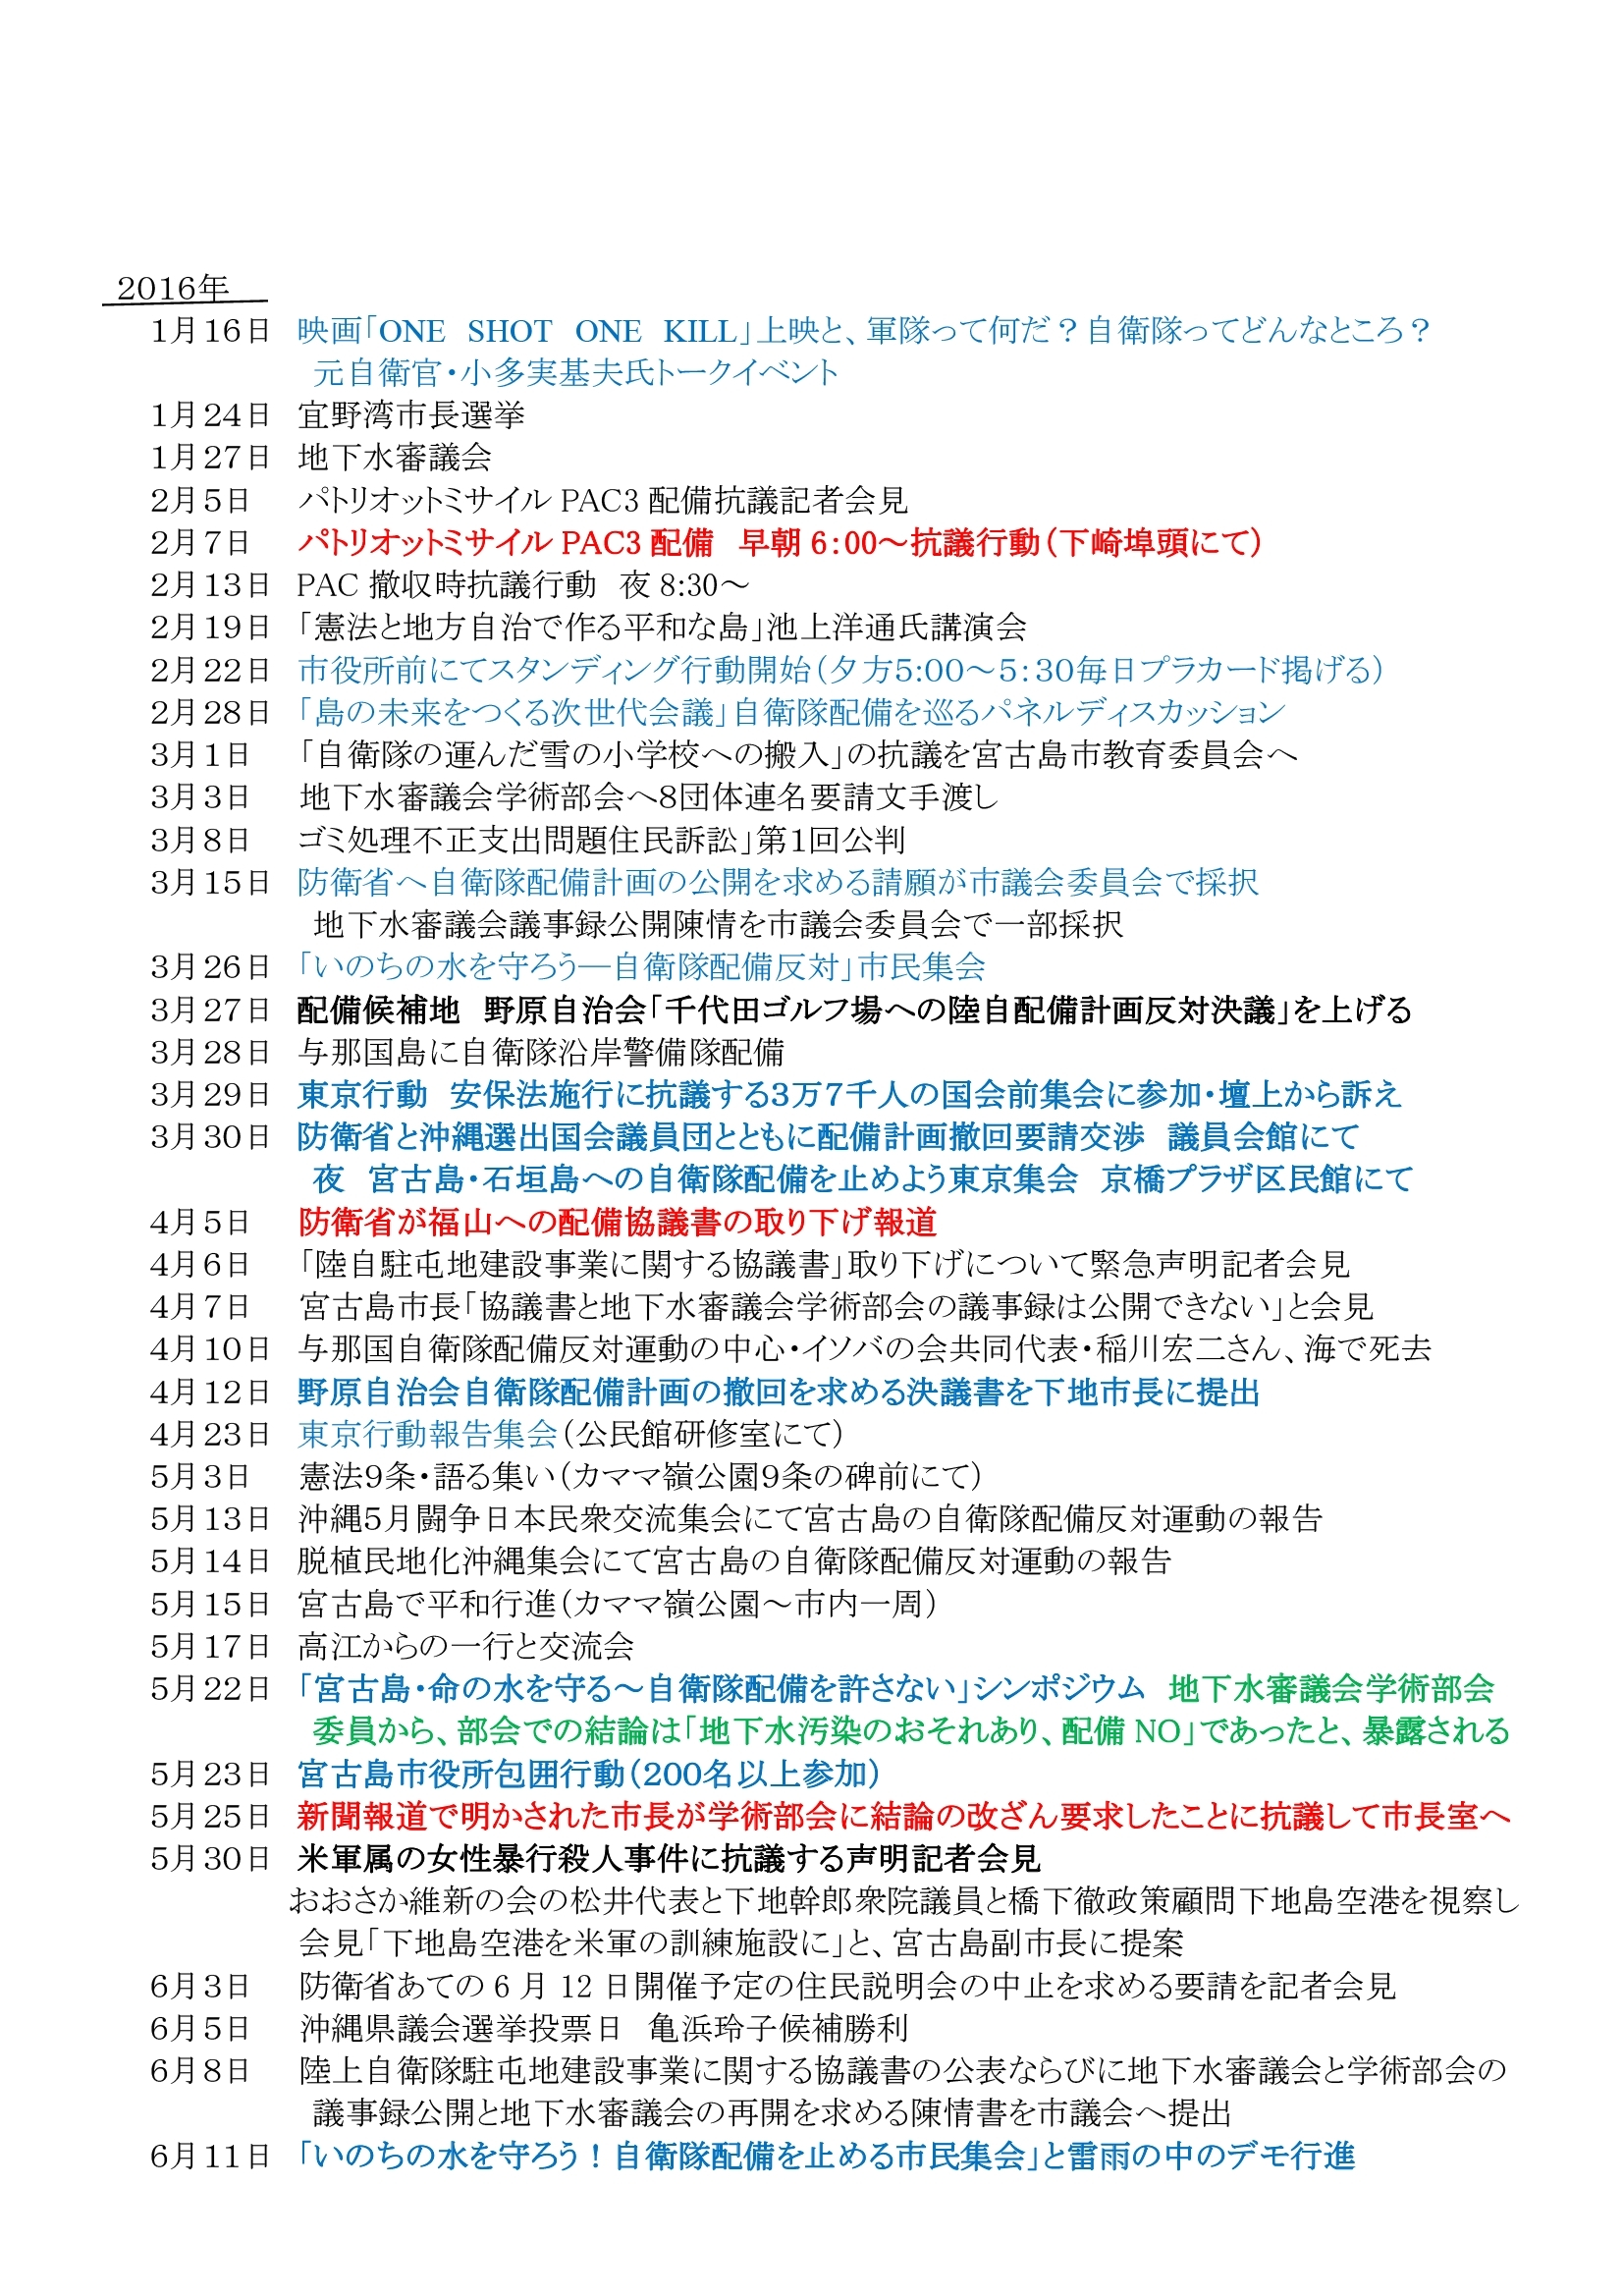 年表:宮古島における反軍反基地の闘い2010~2019 (1)0006